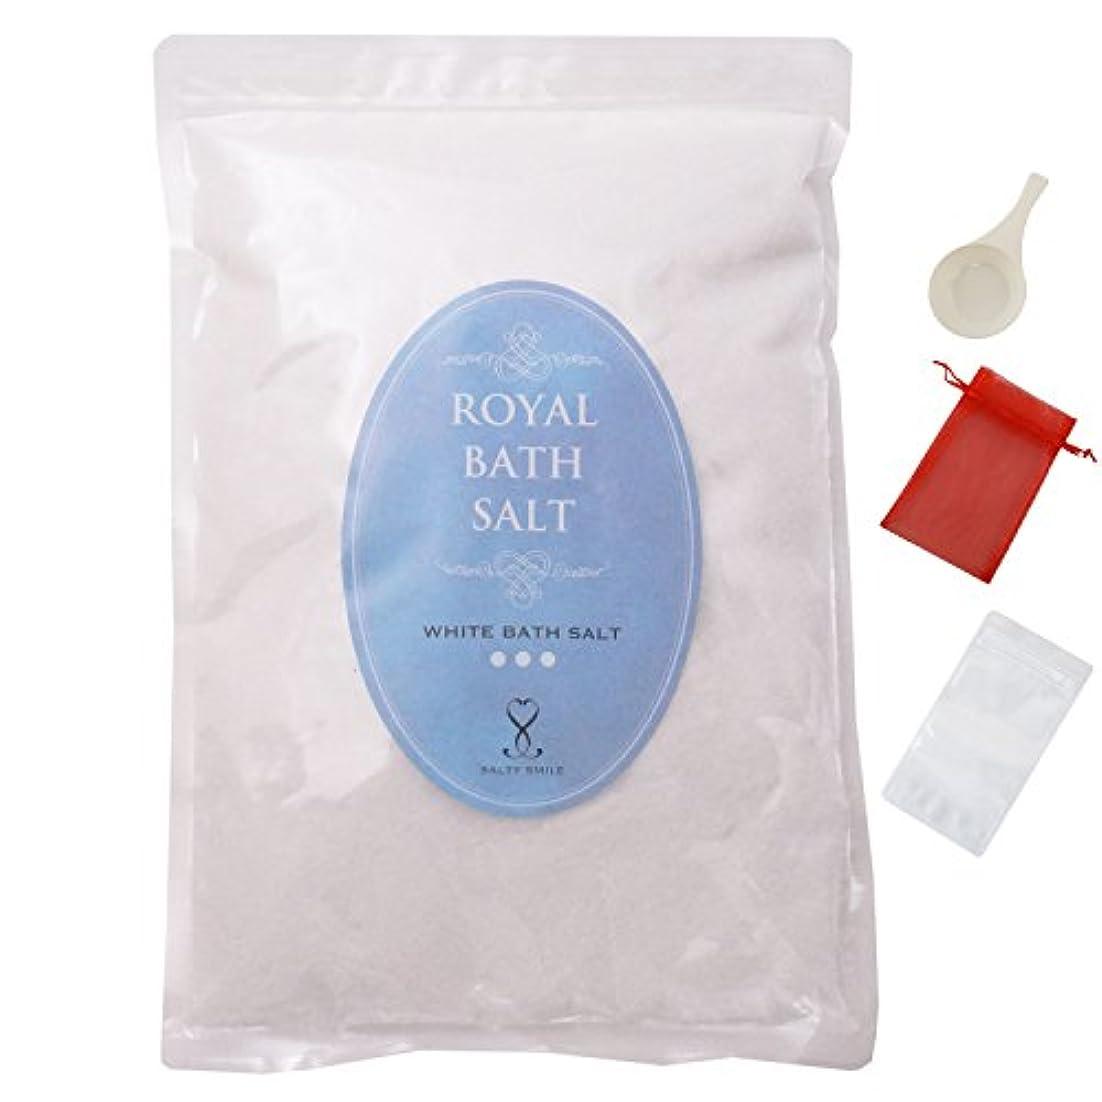 スカート学んだ百年ロイヤル バスソルト ヒマラヤ岩塩 クリスタル ホワイト パウダー 細粒 ROYAL BATH SALT (1,000g【1㎏】)